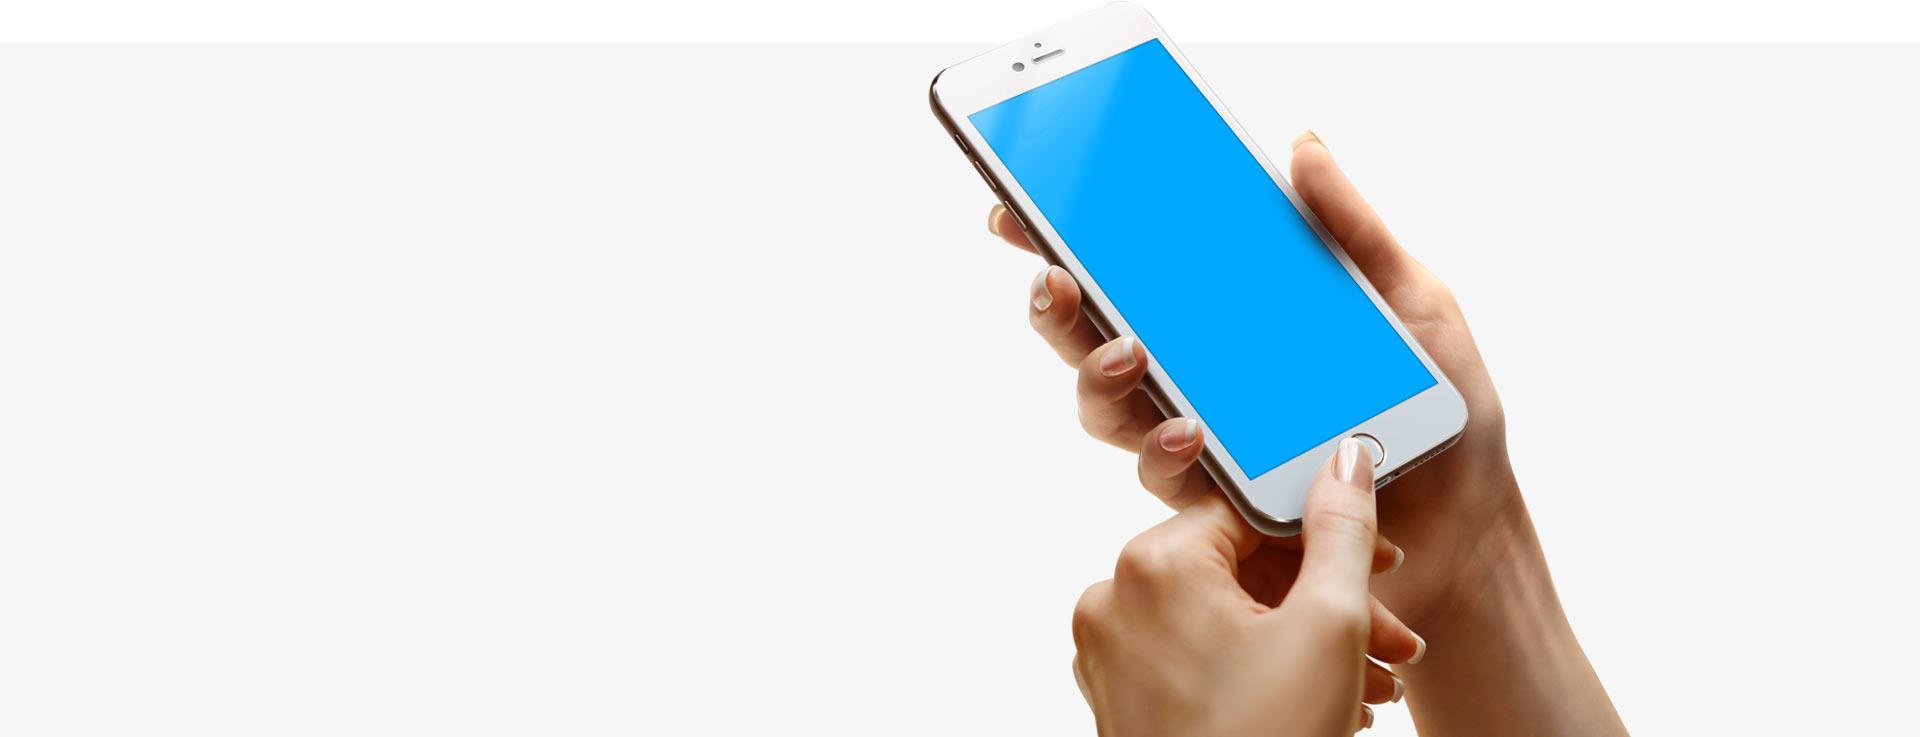 Política de Privacidad para Aplicaciones con RA de Wawa Tech